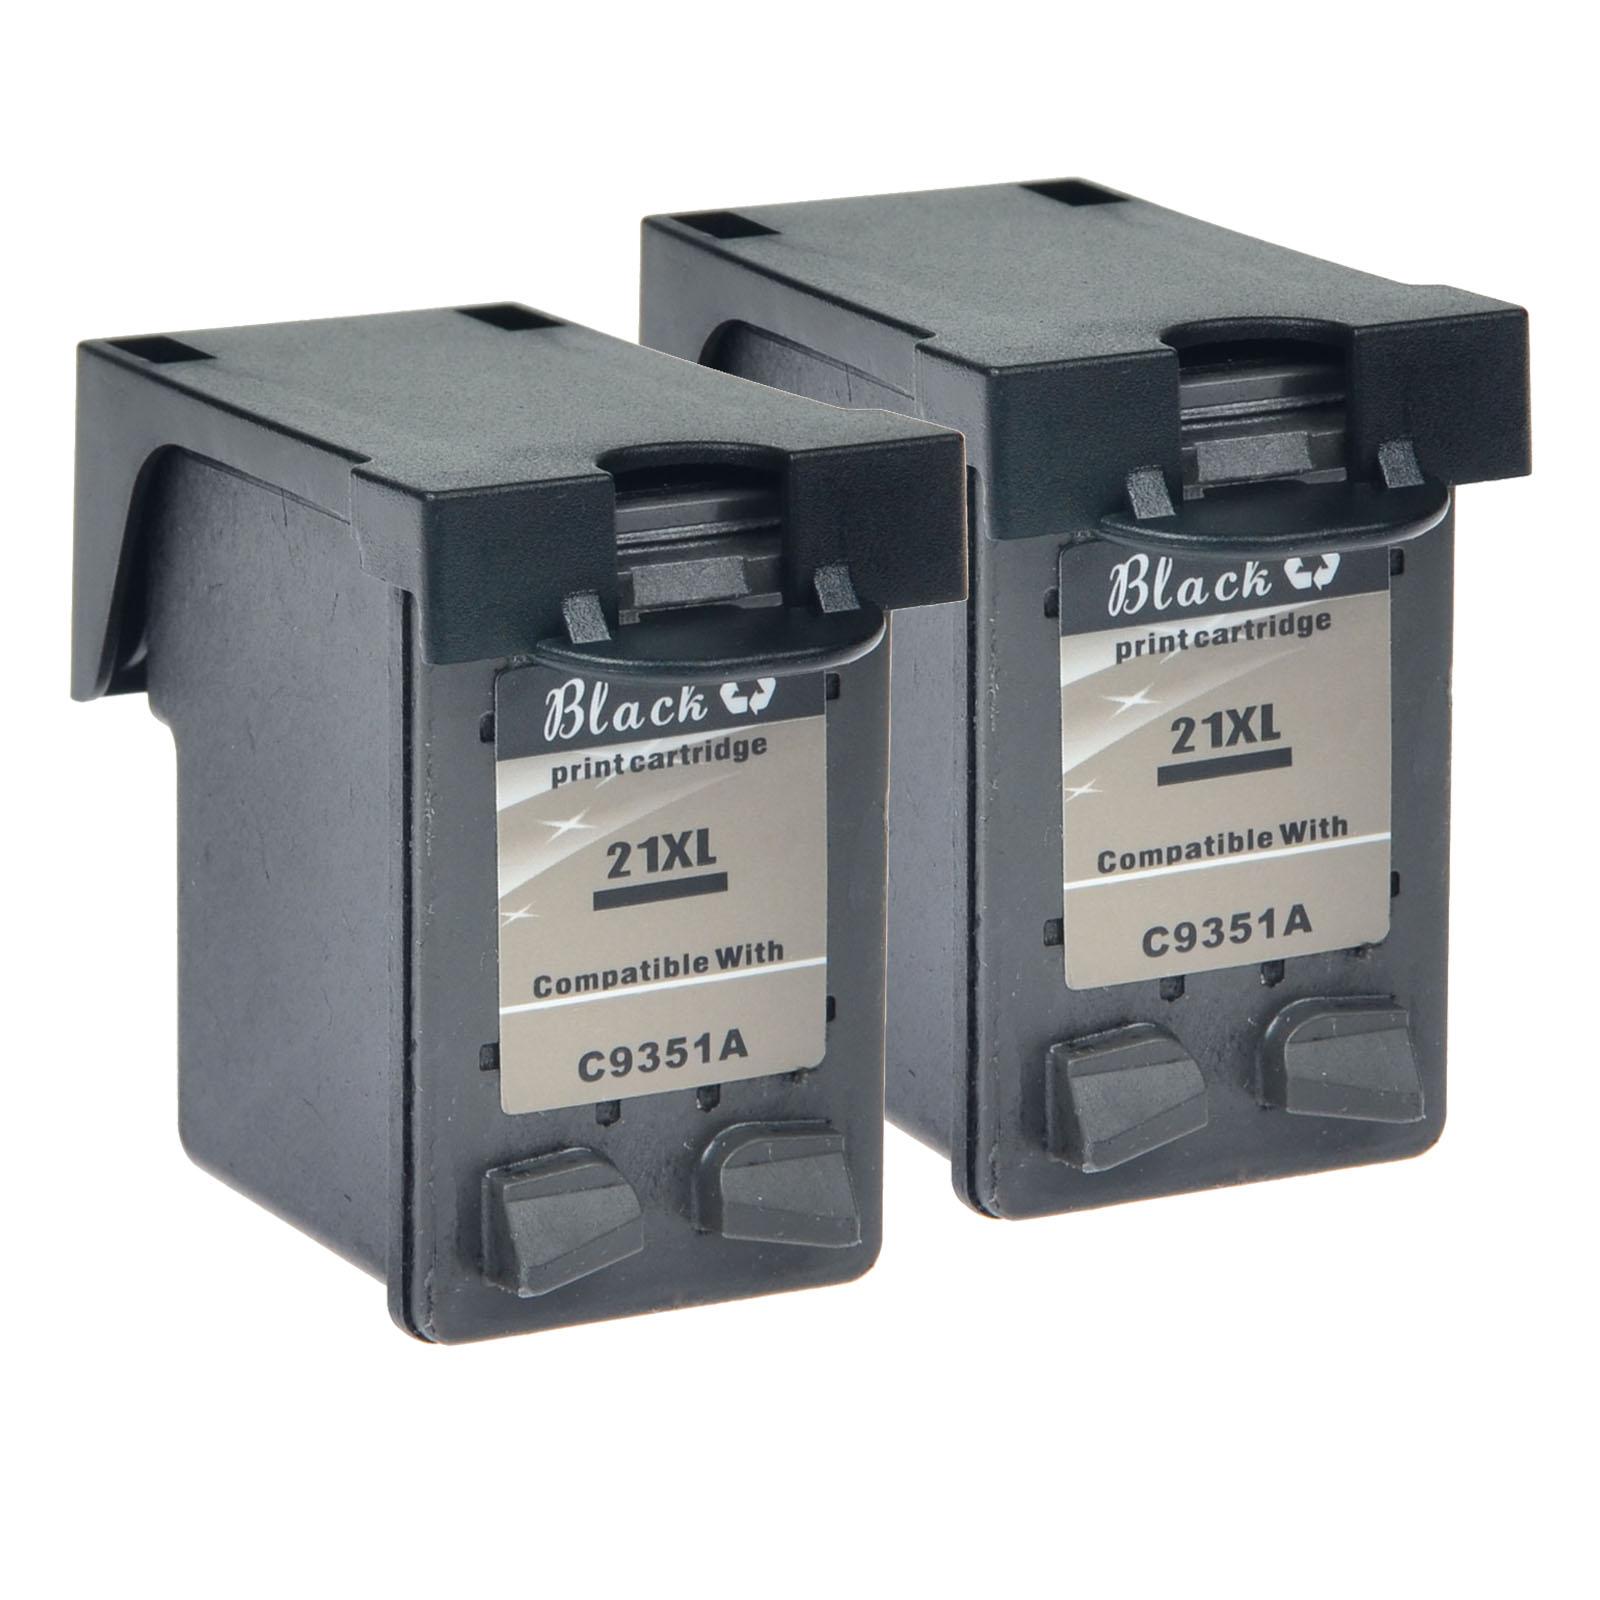 10 PK 21XL C9351A Black Ink Cartridge Reman For HP DeskJet D2468 F300 F310 F325